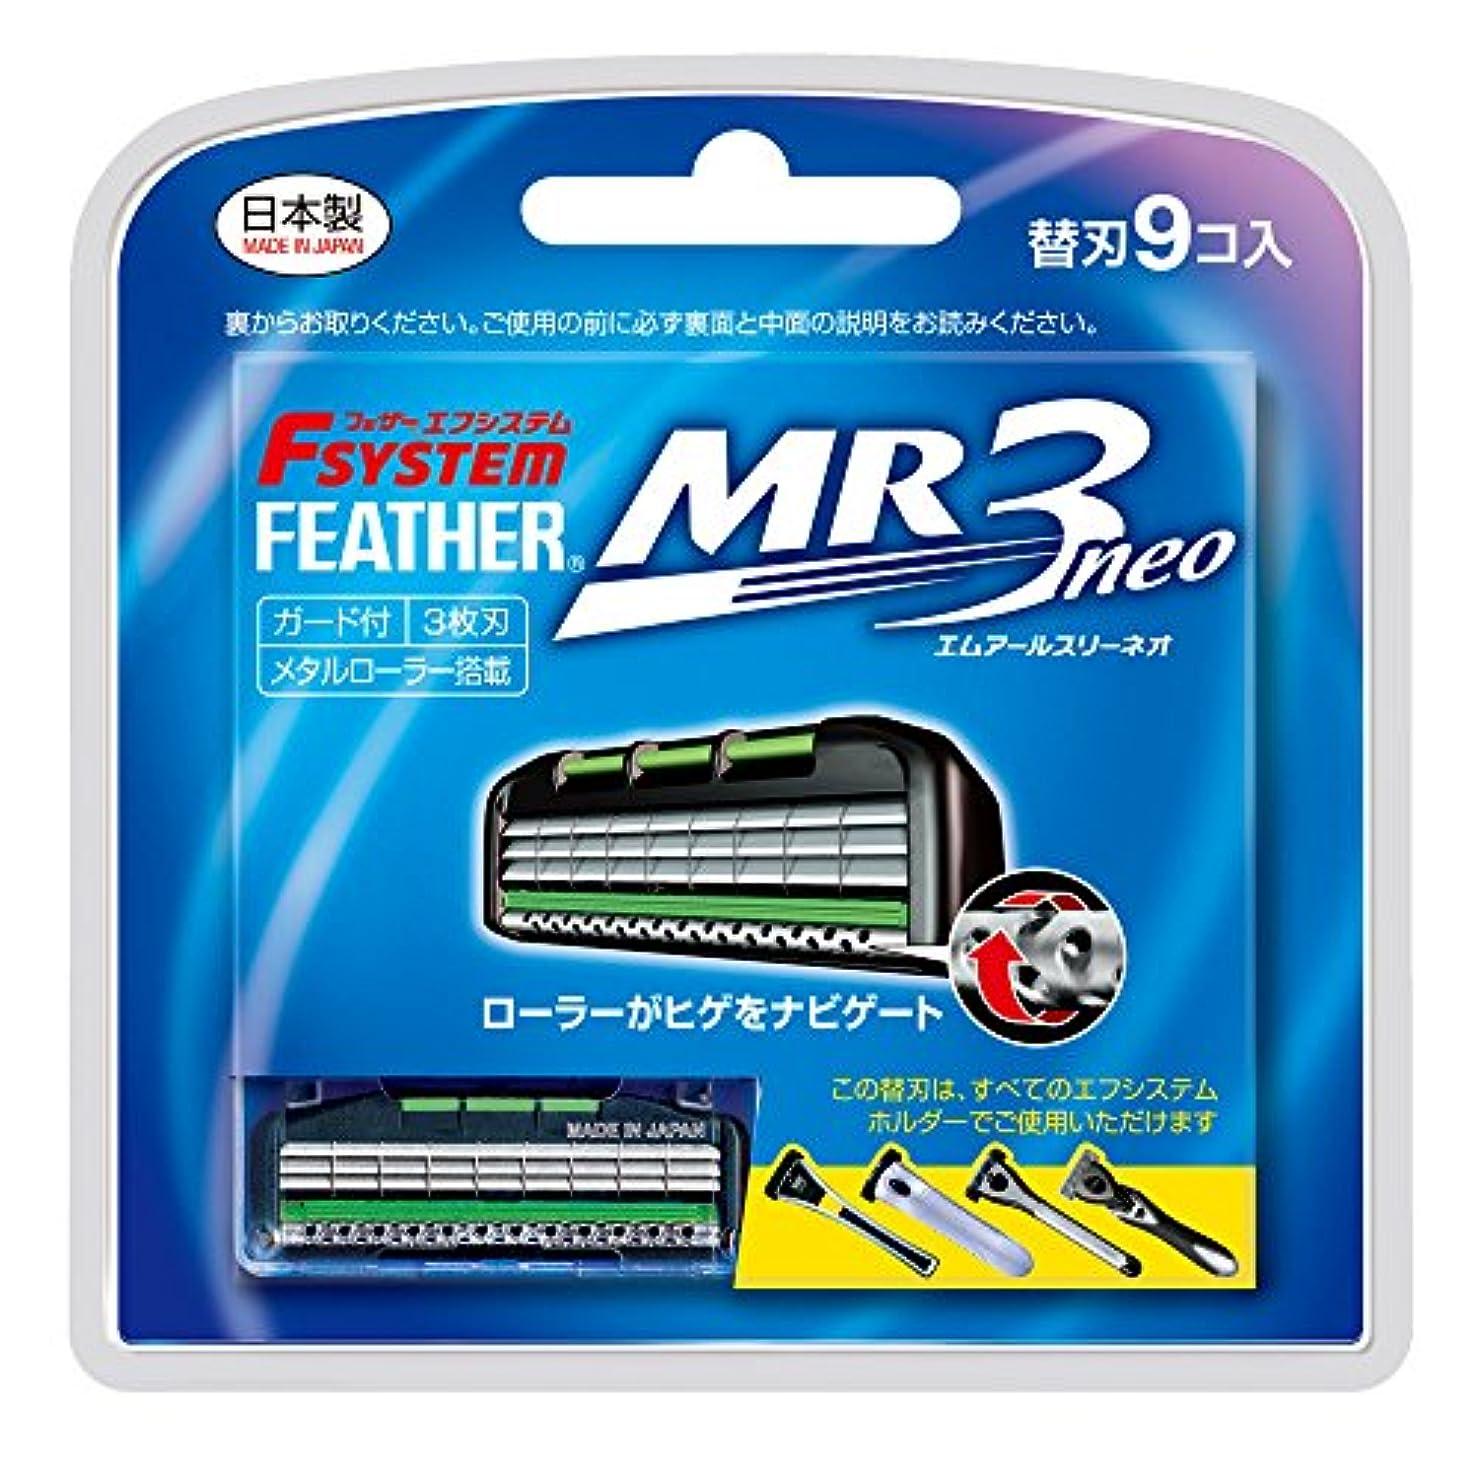 従来のぜいたくコンパニオンフェザー エフシステム 替刃 MR3ネオ 9コ入